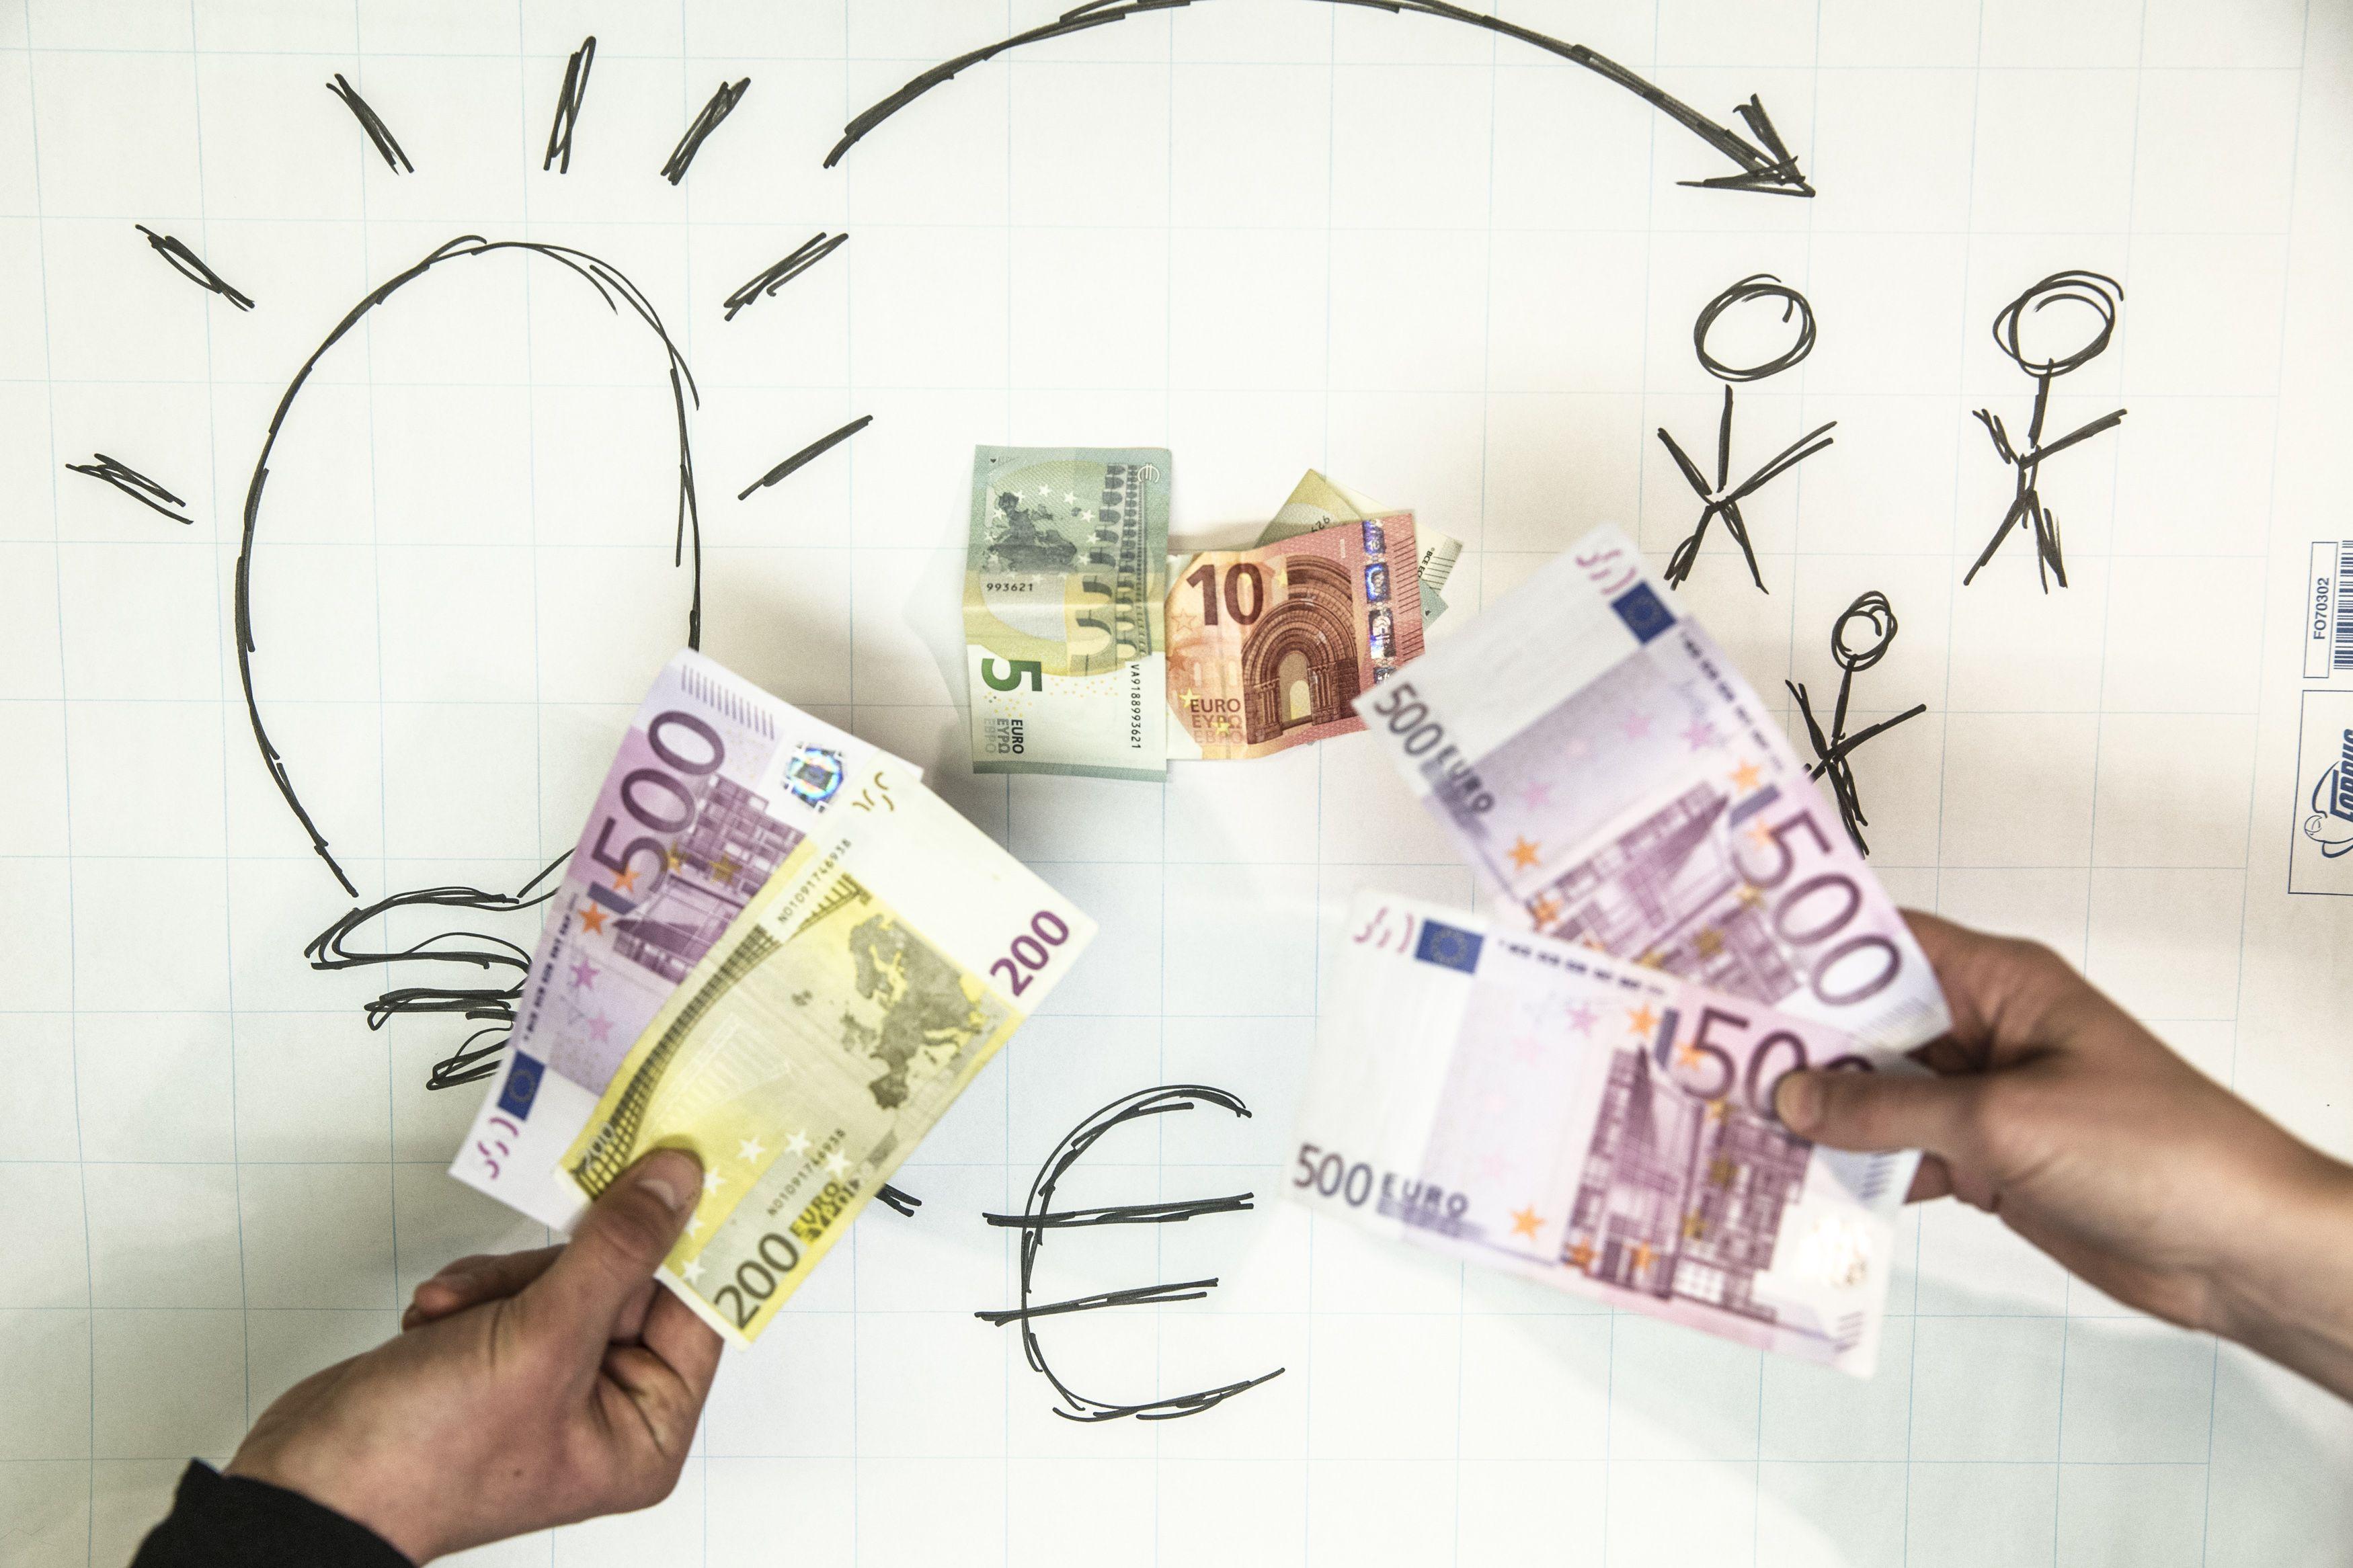 Tarpusavio skolinimas patraukė kredito unijų dėmesį